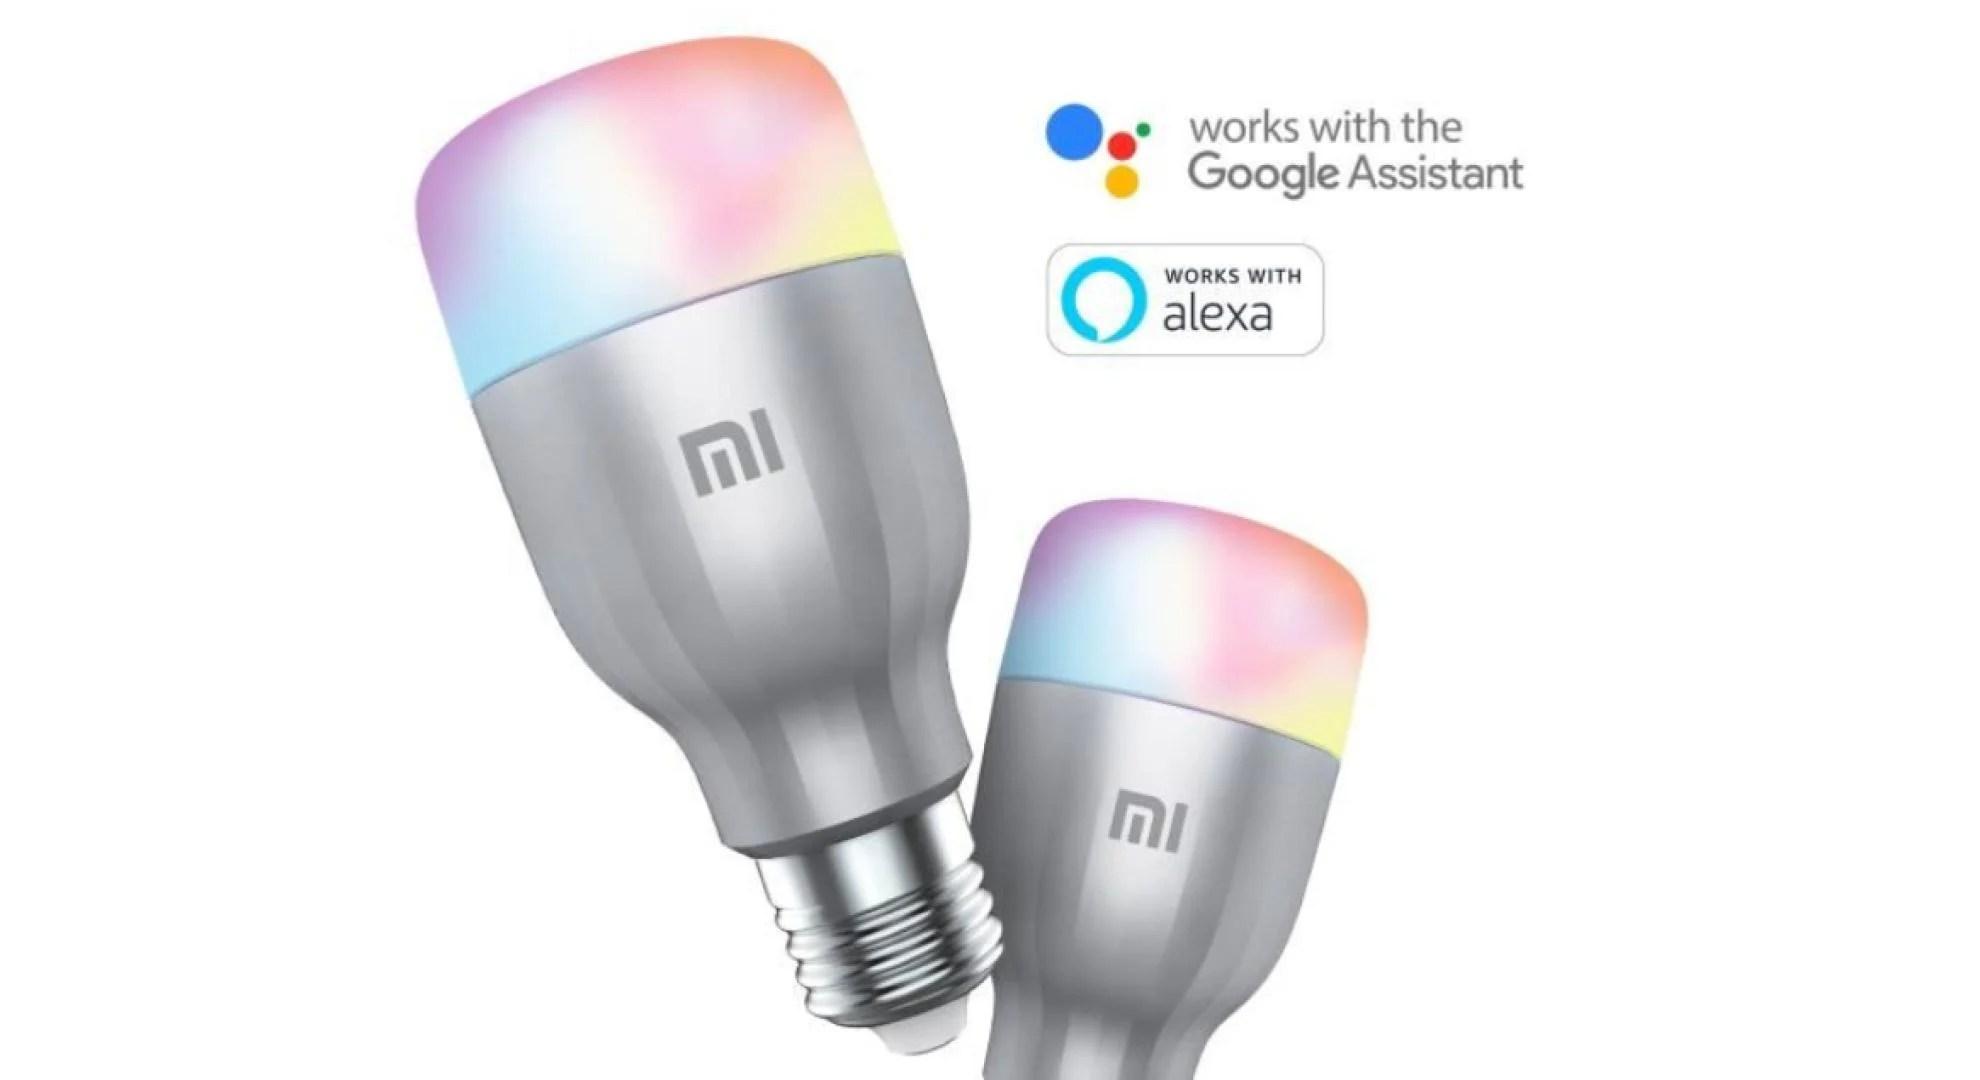 🔥 Bon plan : le lot de deux ampoules connectées Xiaomi est à 29 euros